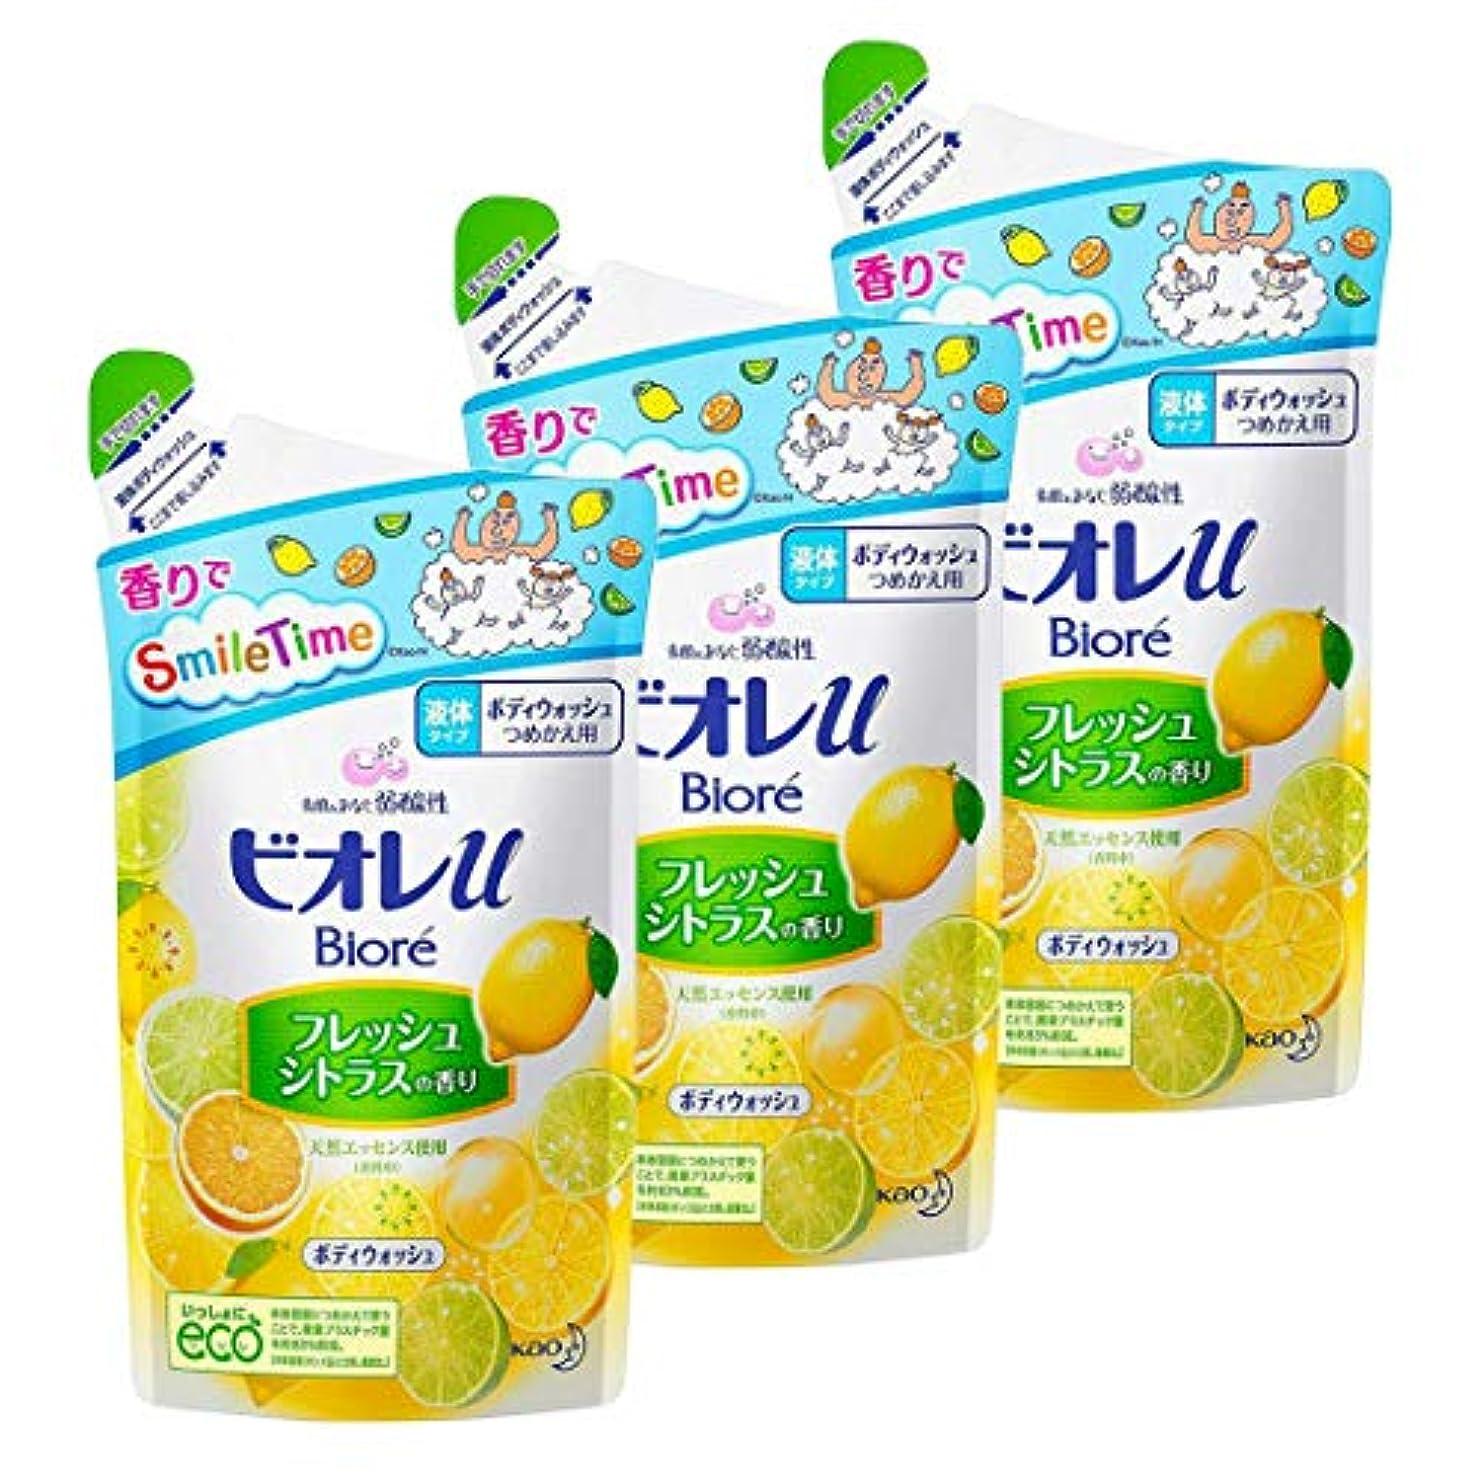 【花王】ビオレu フレッシュシトラスの香り つめかえ用 380ml ×3個セット